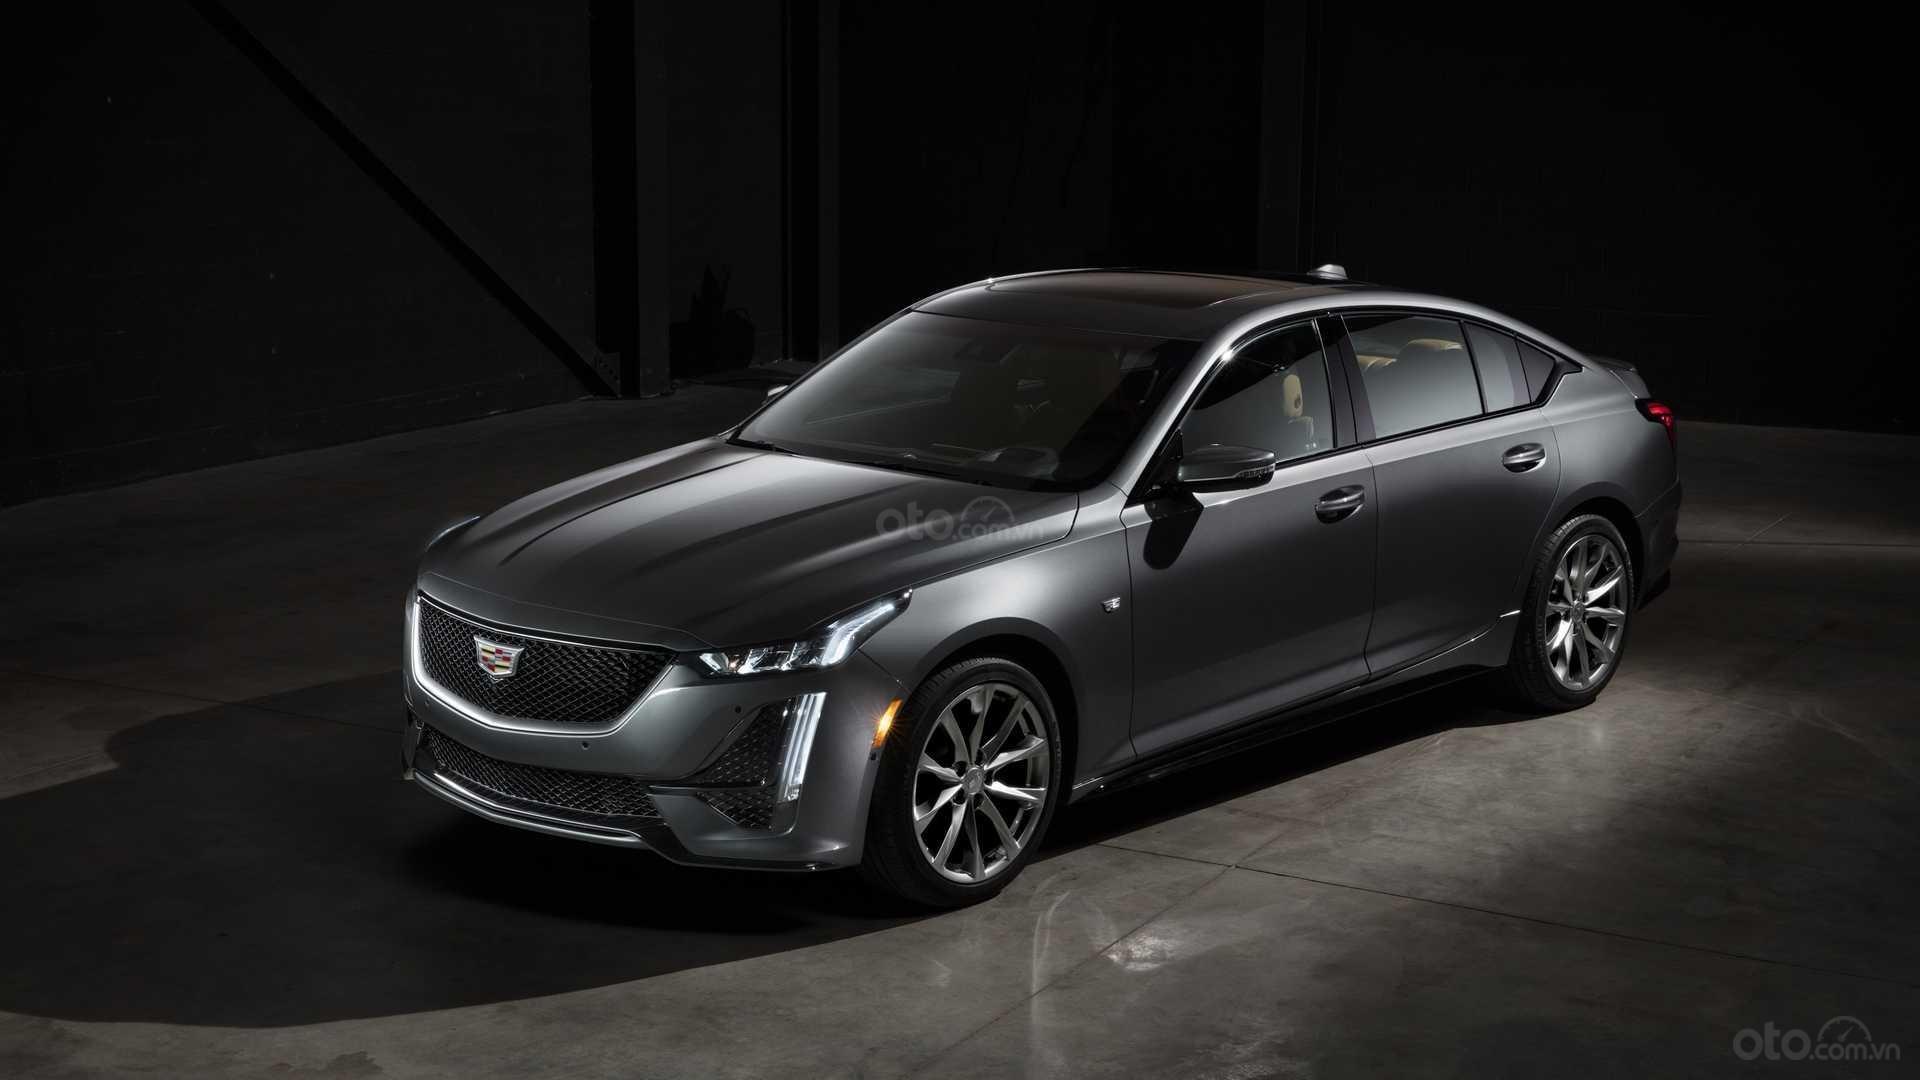 Đánh giá xe Cadillac CT5 2020 về hệ thống động cơ